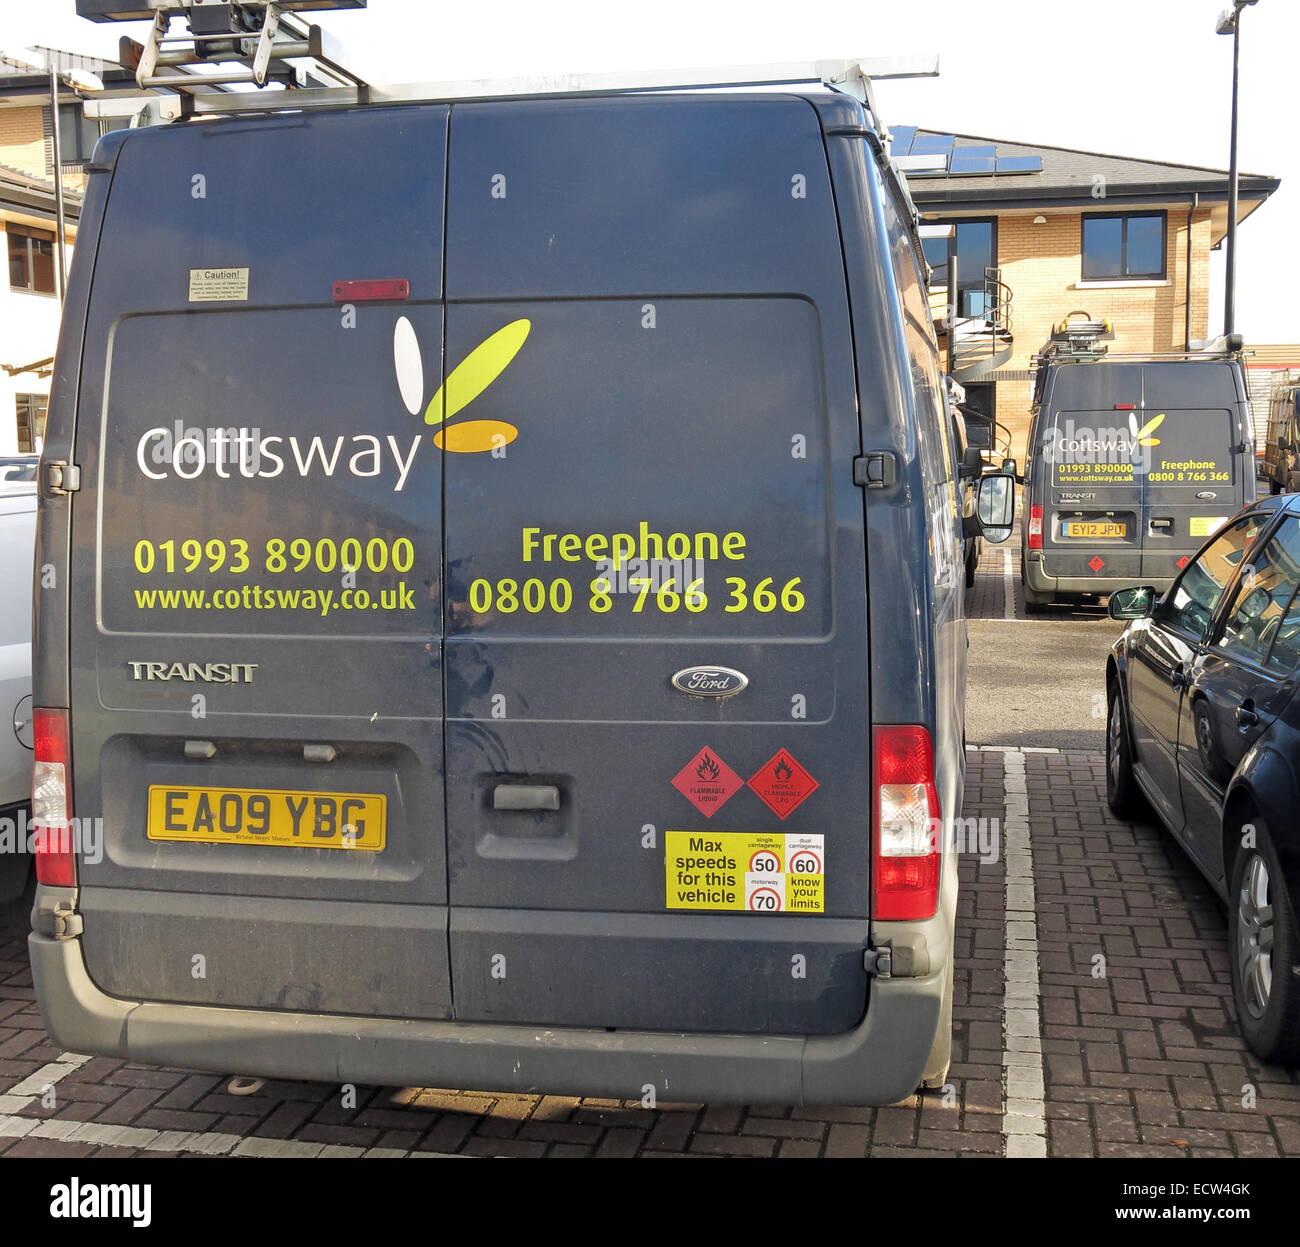 Cottsway Housing Association Van, Witney, West Oxfordshire, England, UK - Stock Image